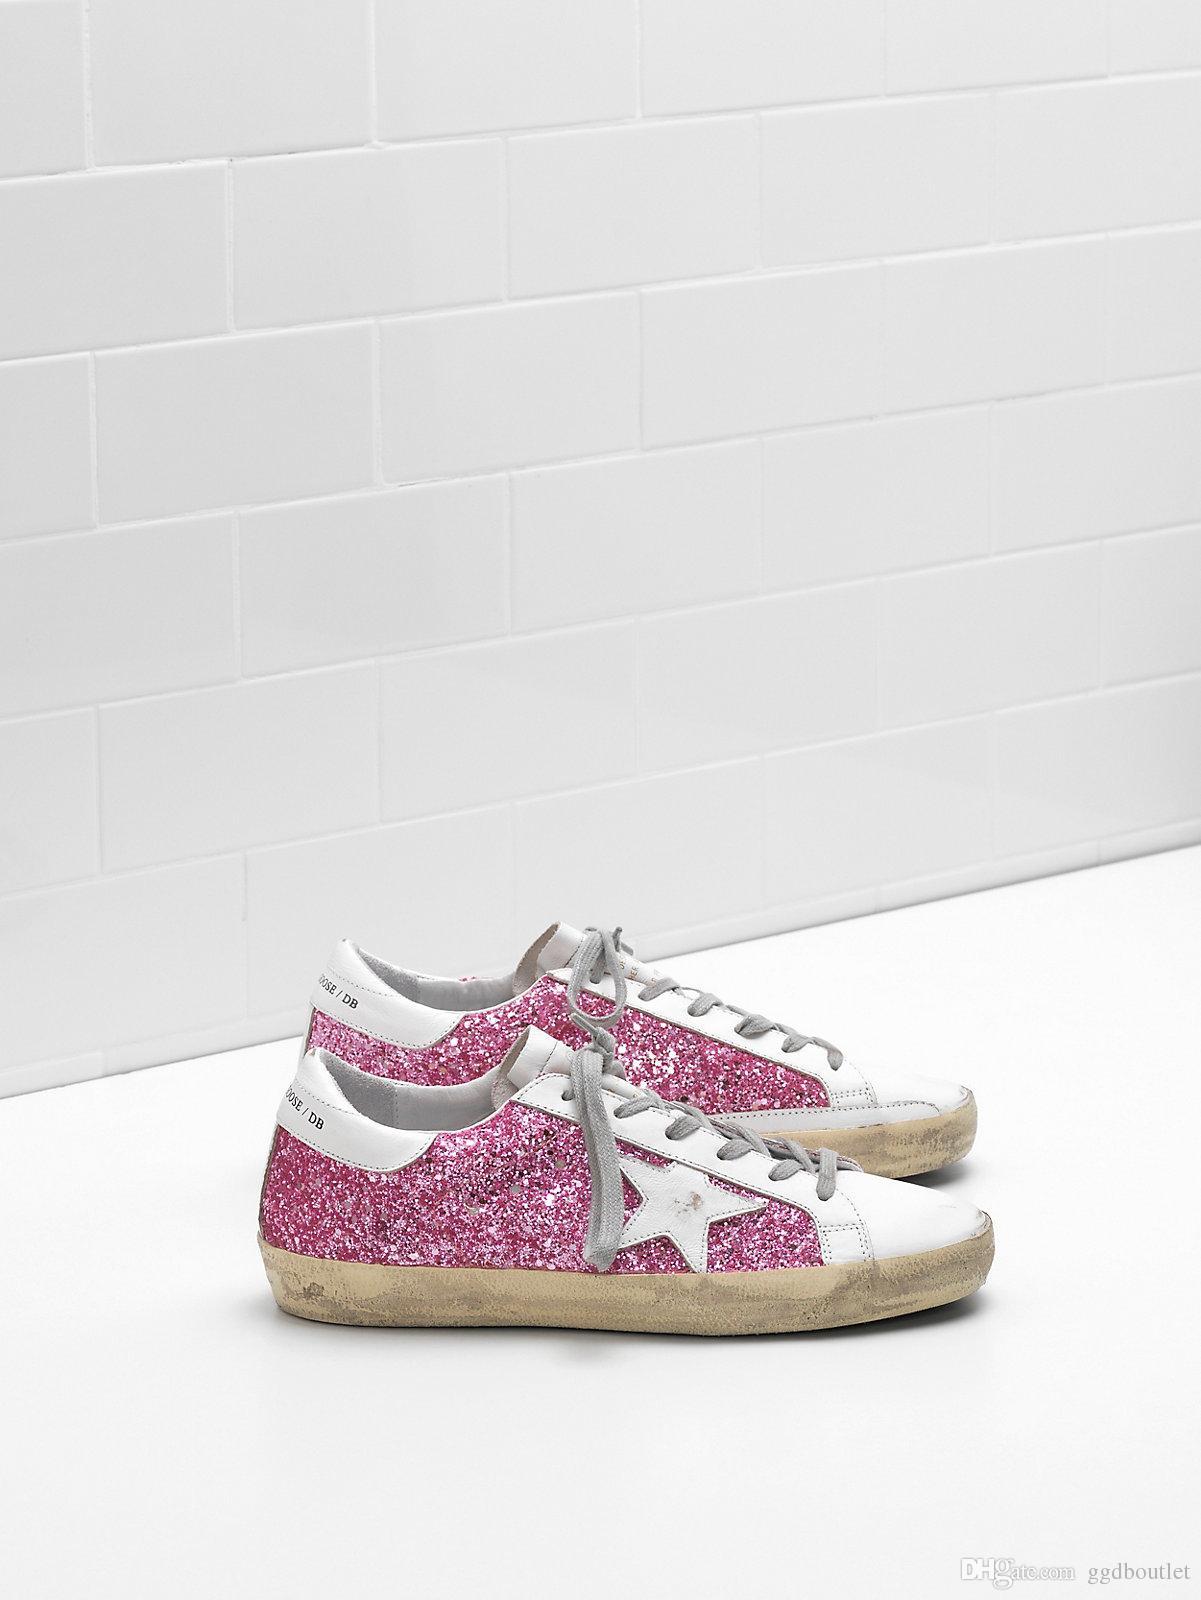 6f6e73f950 Acquista Sneakers Superstar In Vera Pelle Da Uomo E Donna Flag Ltd Tomaia  In Alto In Tessuto Con Glitter E Tacco E Occhielli In Pelle Di Vitello  Naturale ...